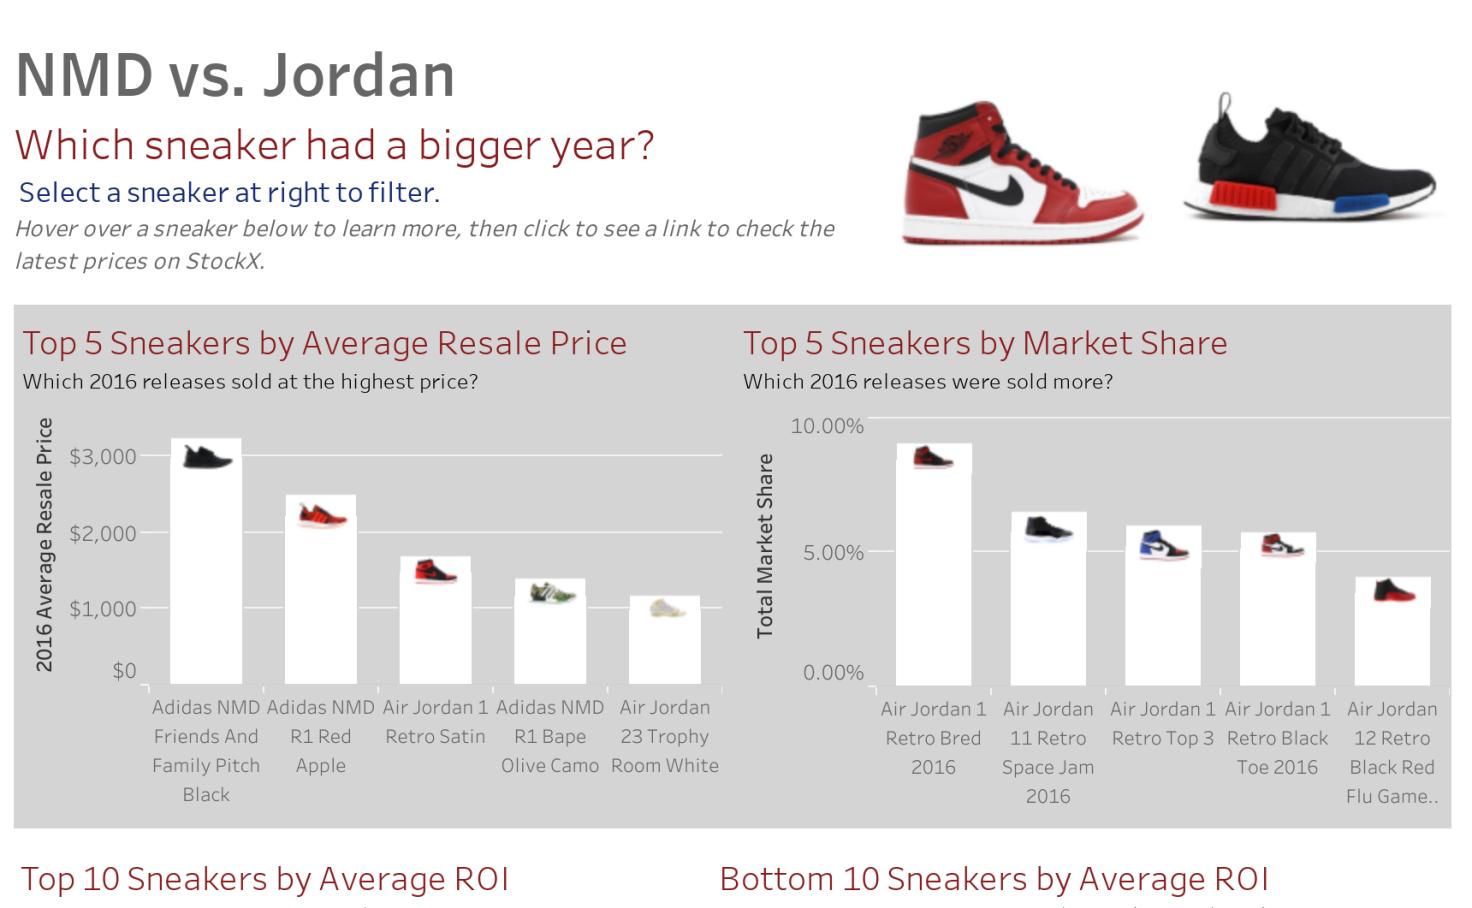 c9ec2224f63f Adidas NMD vs. Jordan Sneakers - Dan Duncan